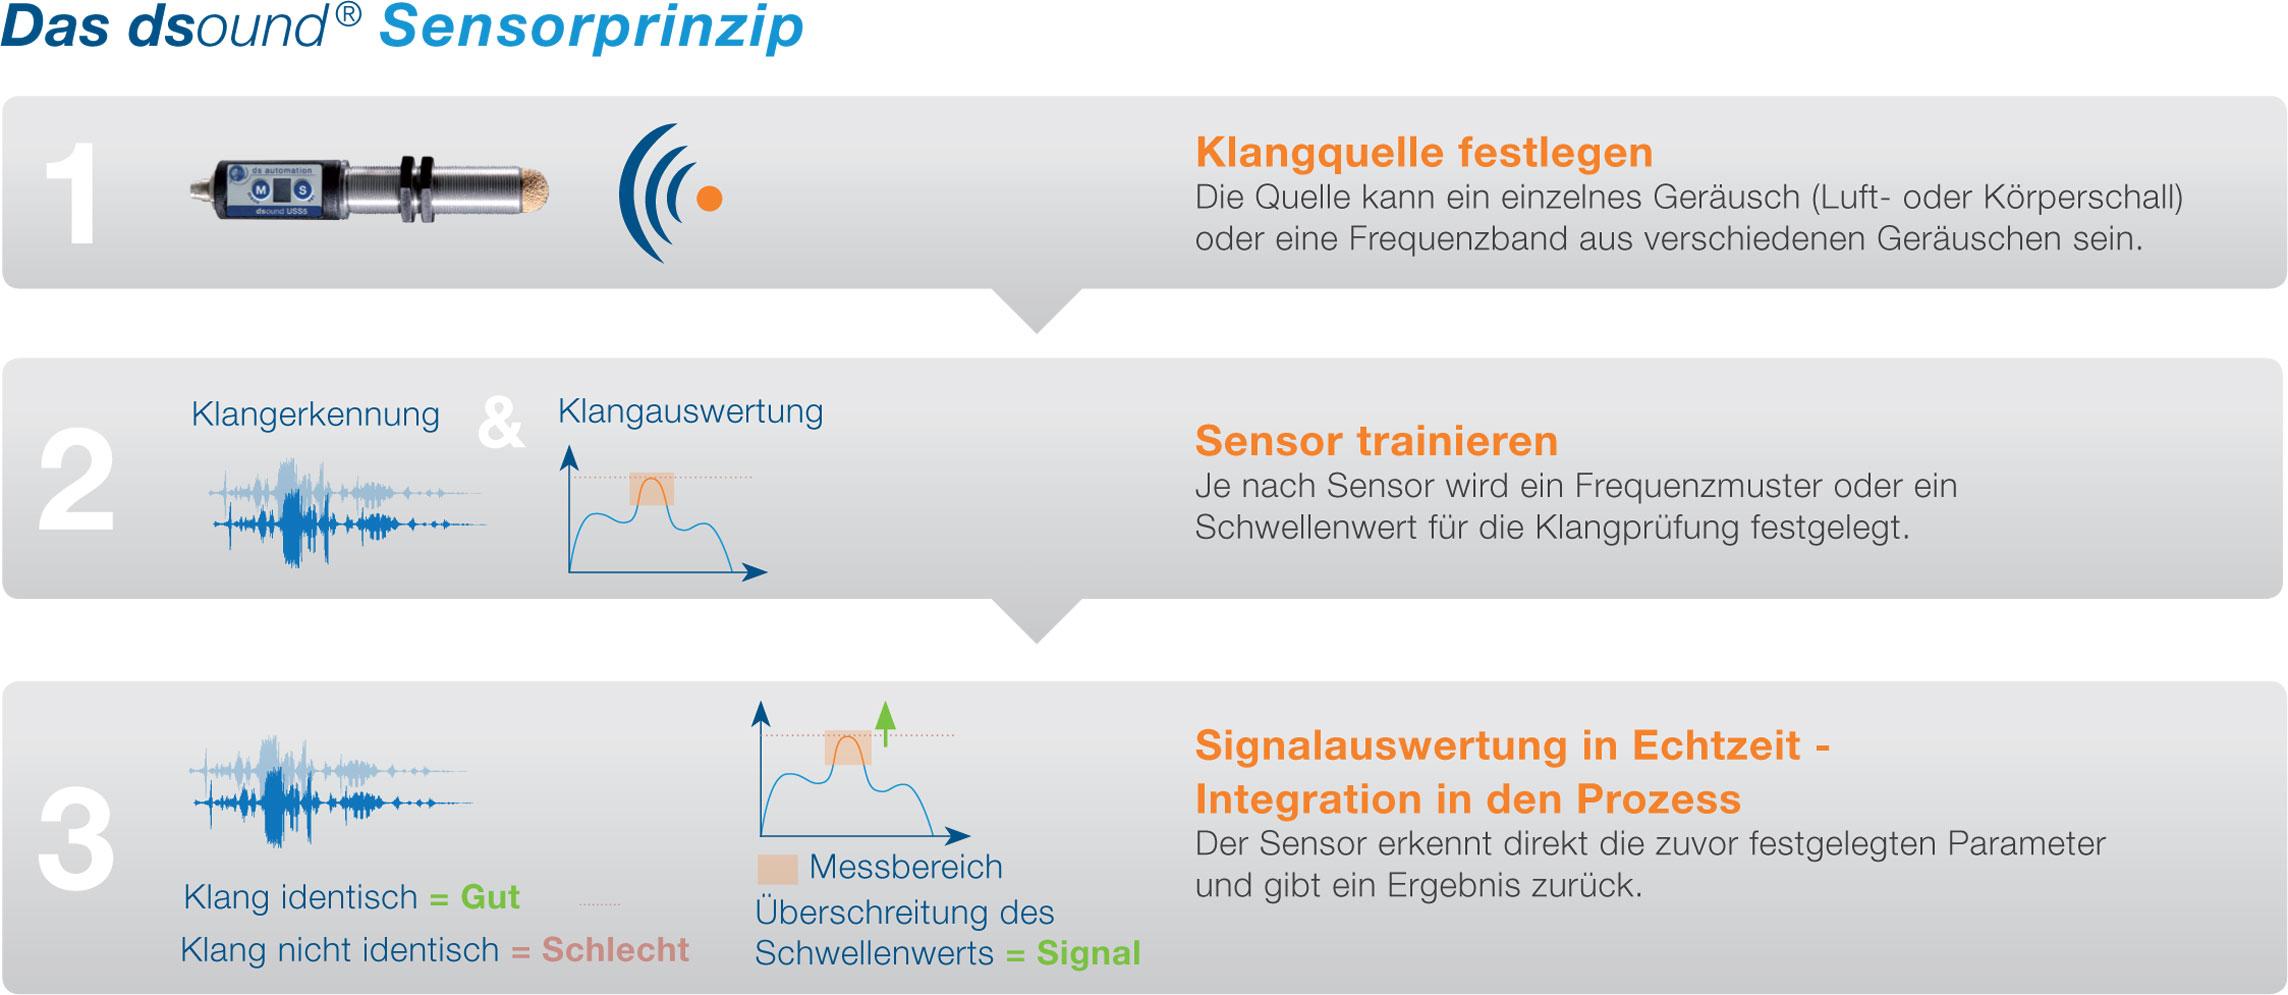 sensorprinzip DS Automation Ultraschallsensor Körperschallsensor Wingold Messtechnik